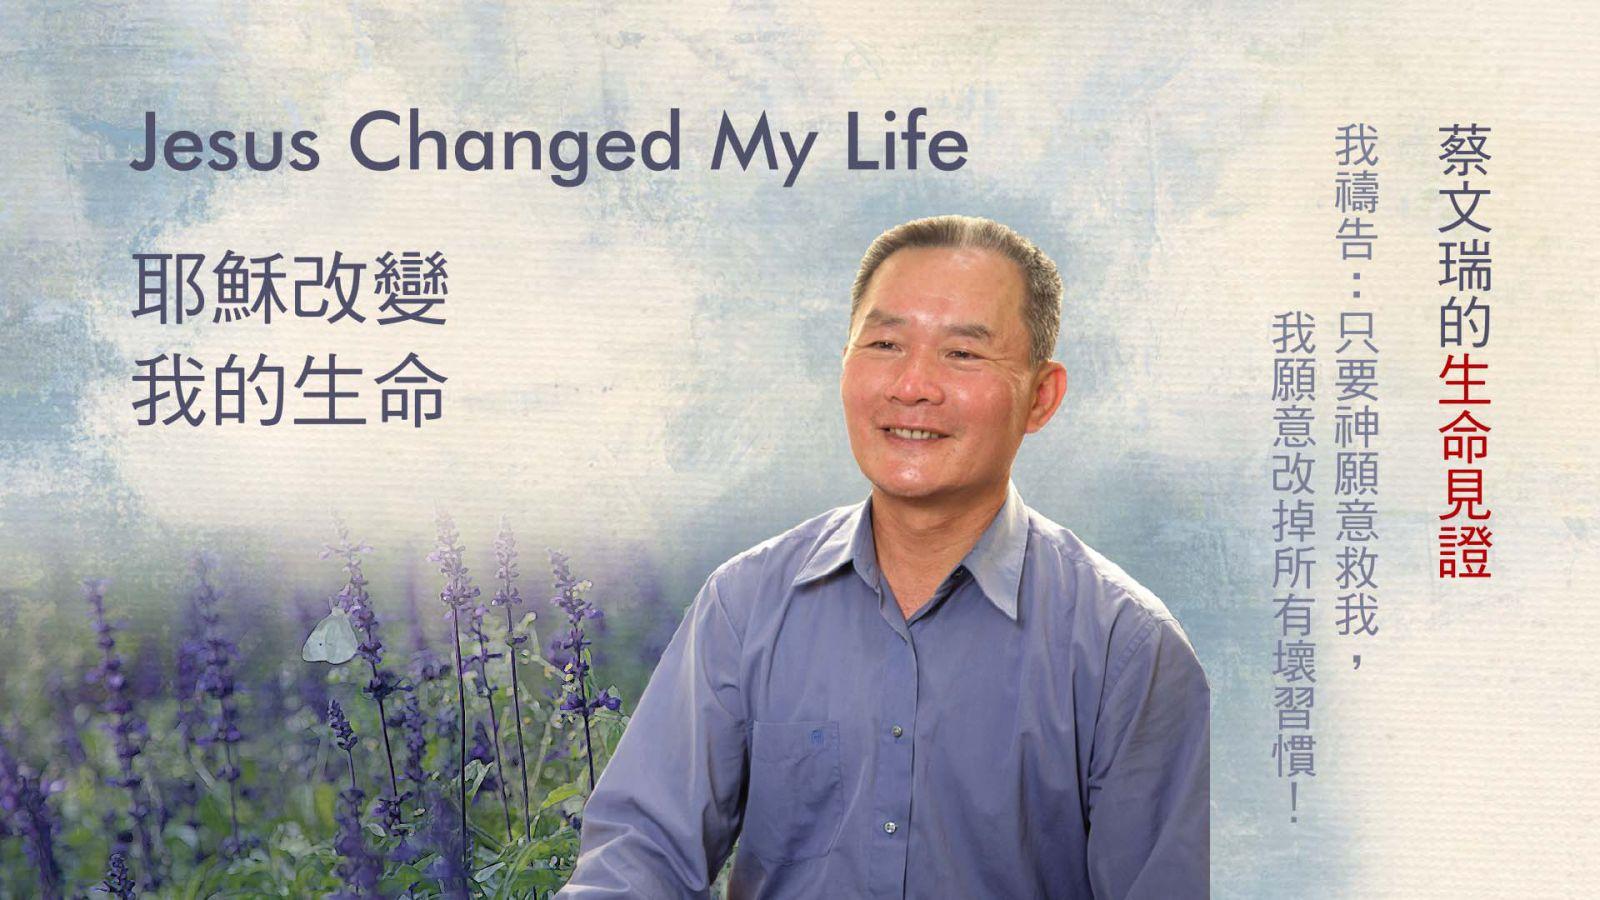 耶穌改變我生命